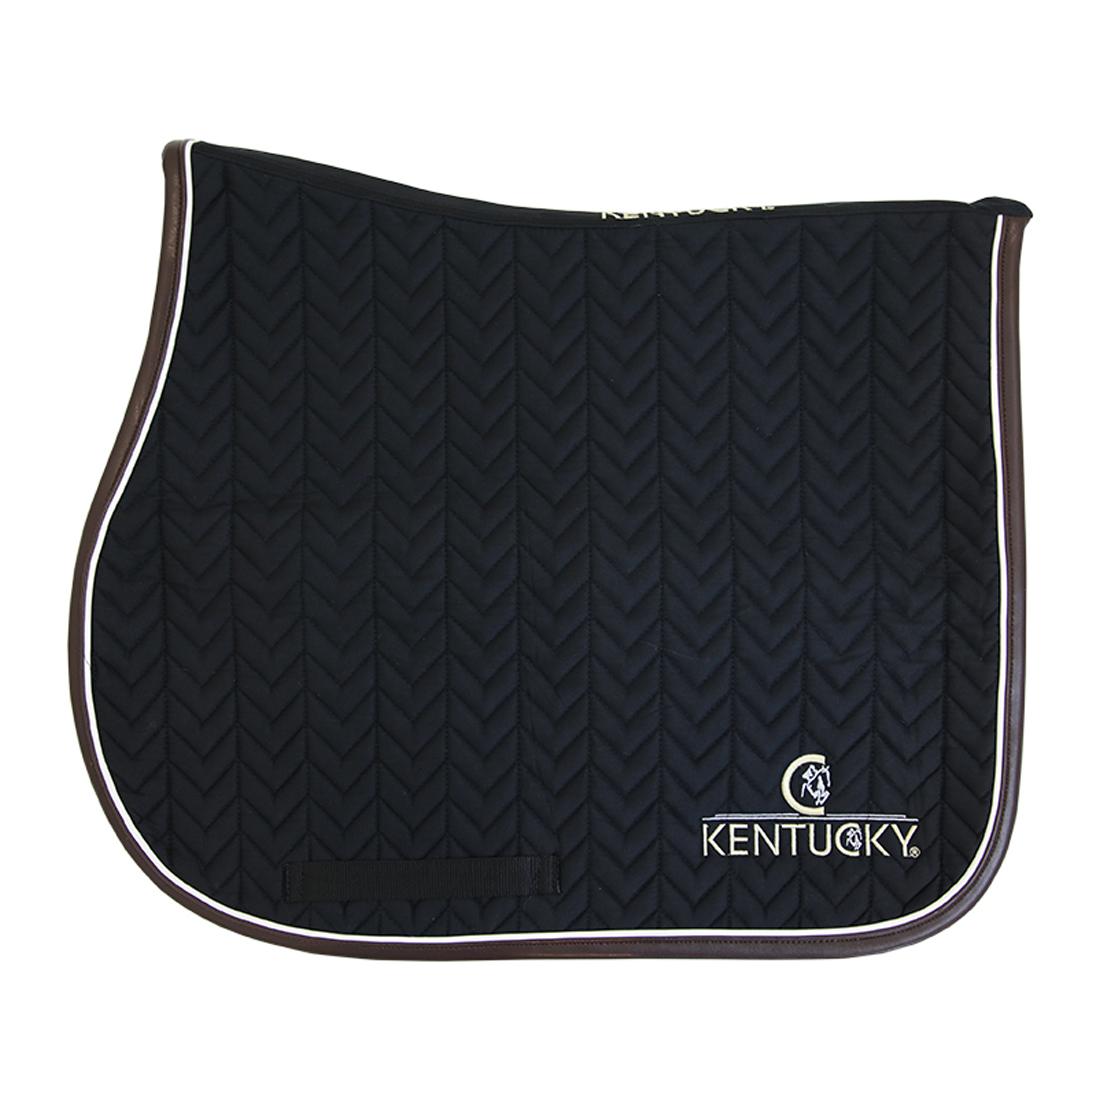 Kentucky sprangsjabrakk m. lærkant og fiskebens mønster